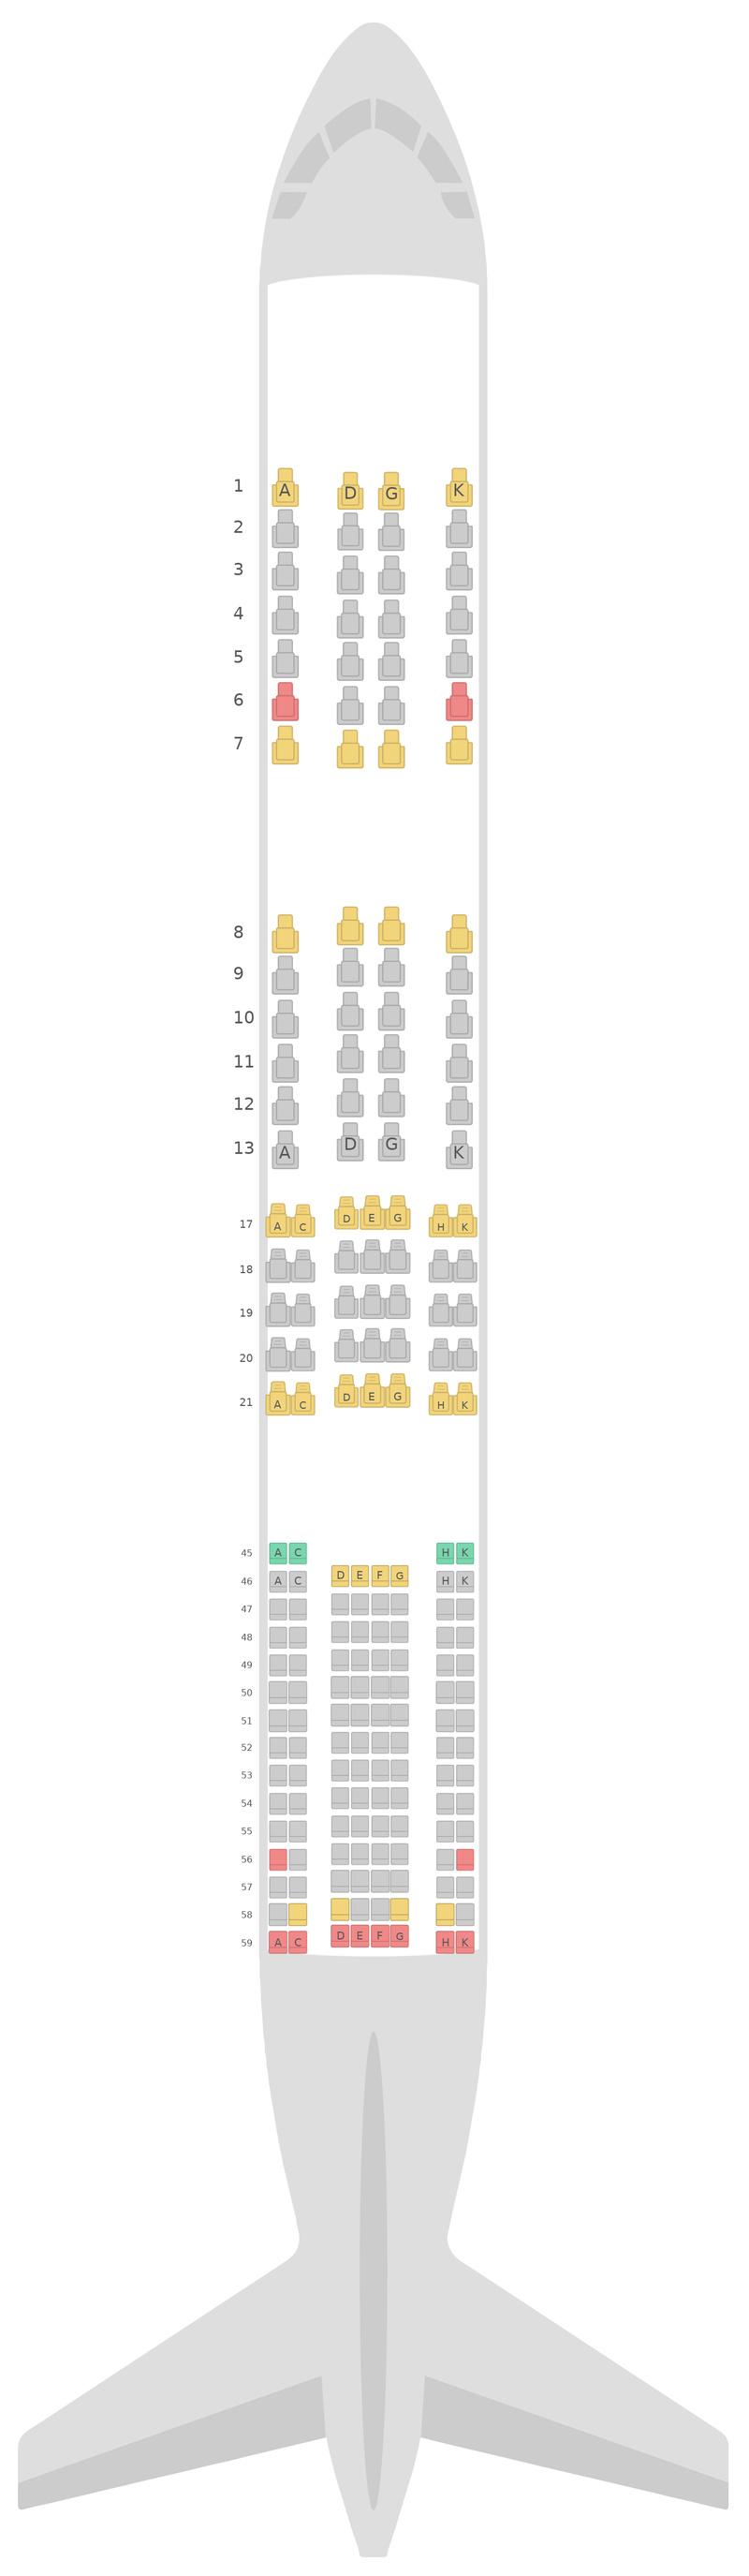 Схема салона Боинг 787-9 (789) v2 Японские авиалинии